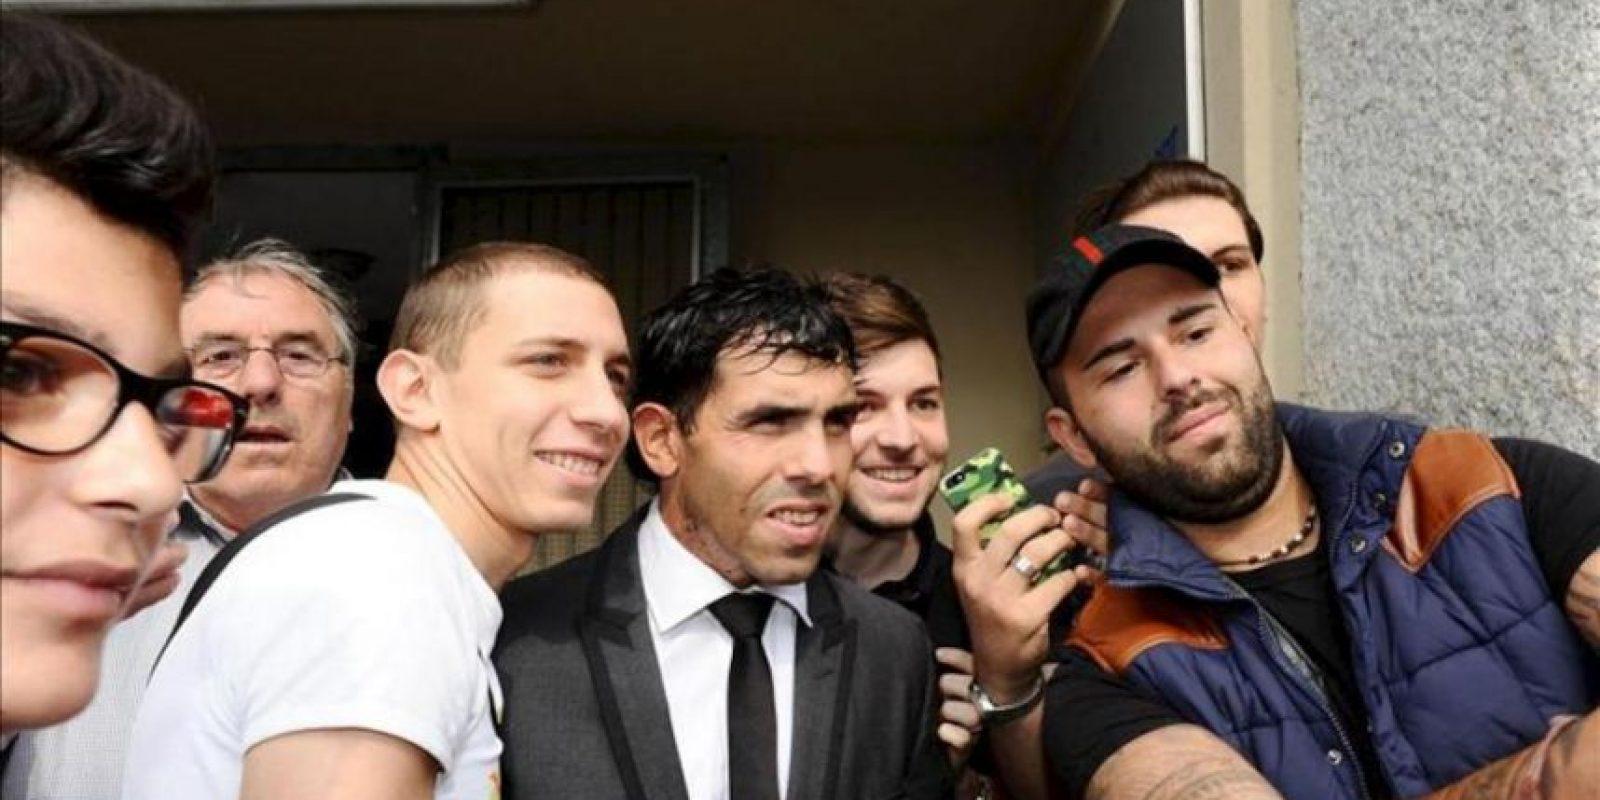 El nuevo futbolista del Juventus, el delantero argentino Carlos Tévez (c), posa con un grupo de aficionados antes de someterse a un reconocimiento médico en Turín (Italia) hoy. EFE